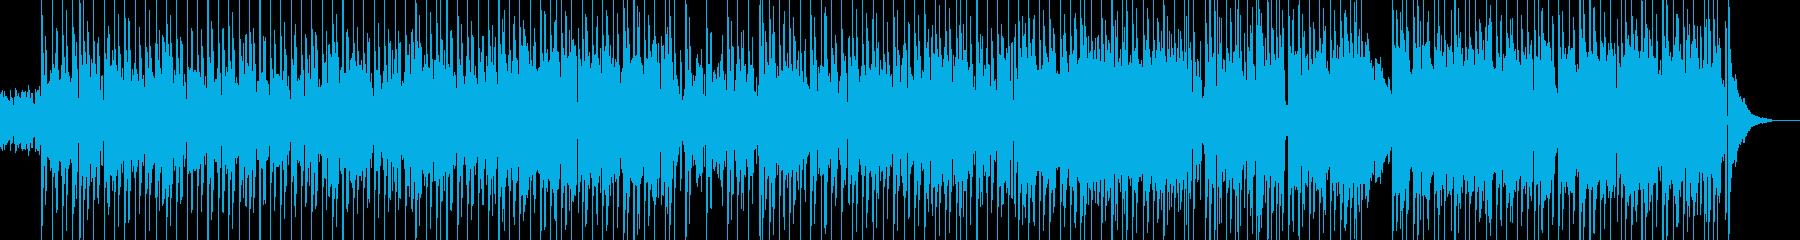 優しく切ない雰囲気に・R&B L2の再生済みの波形